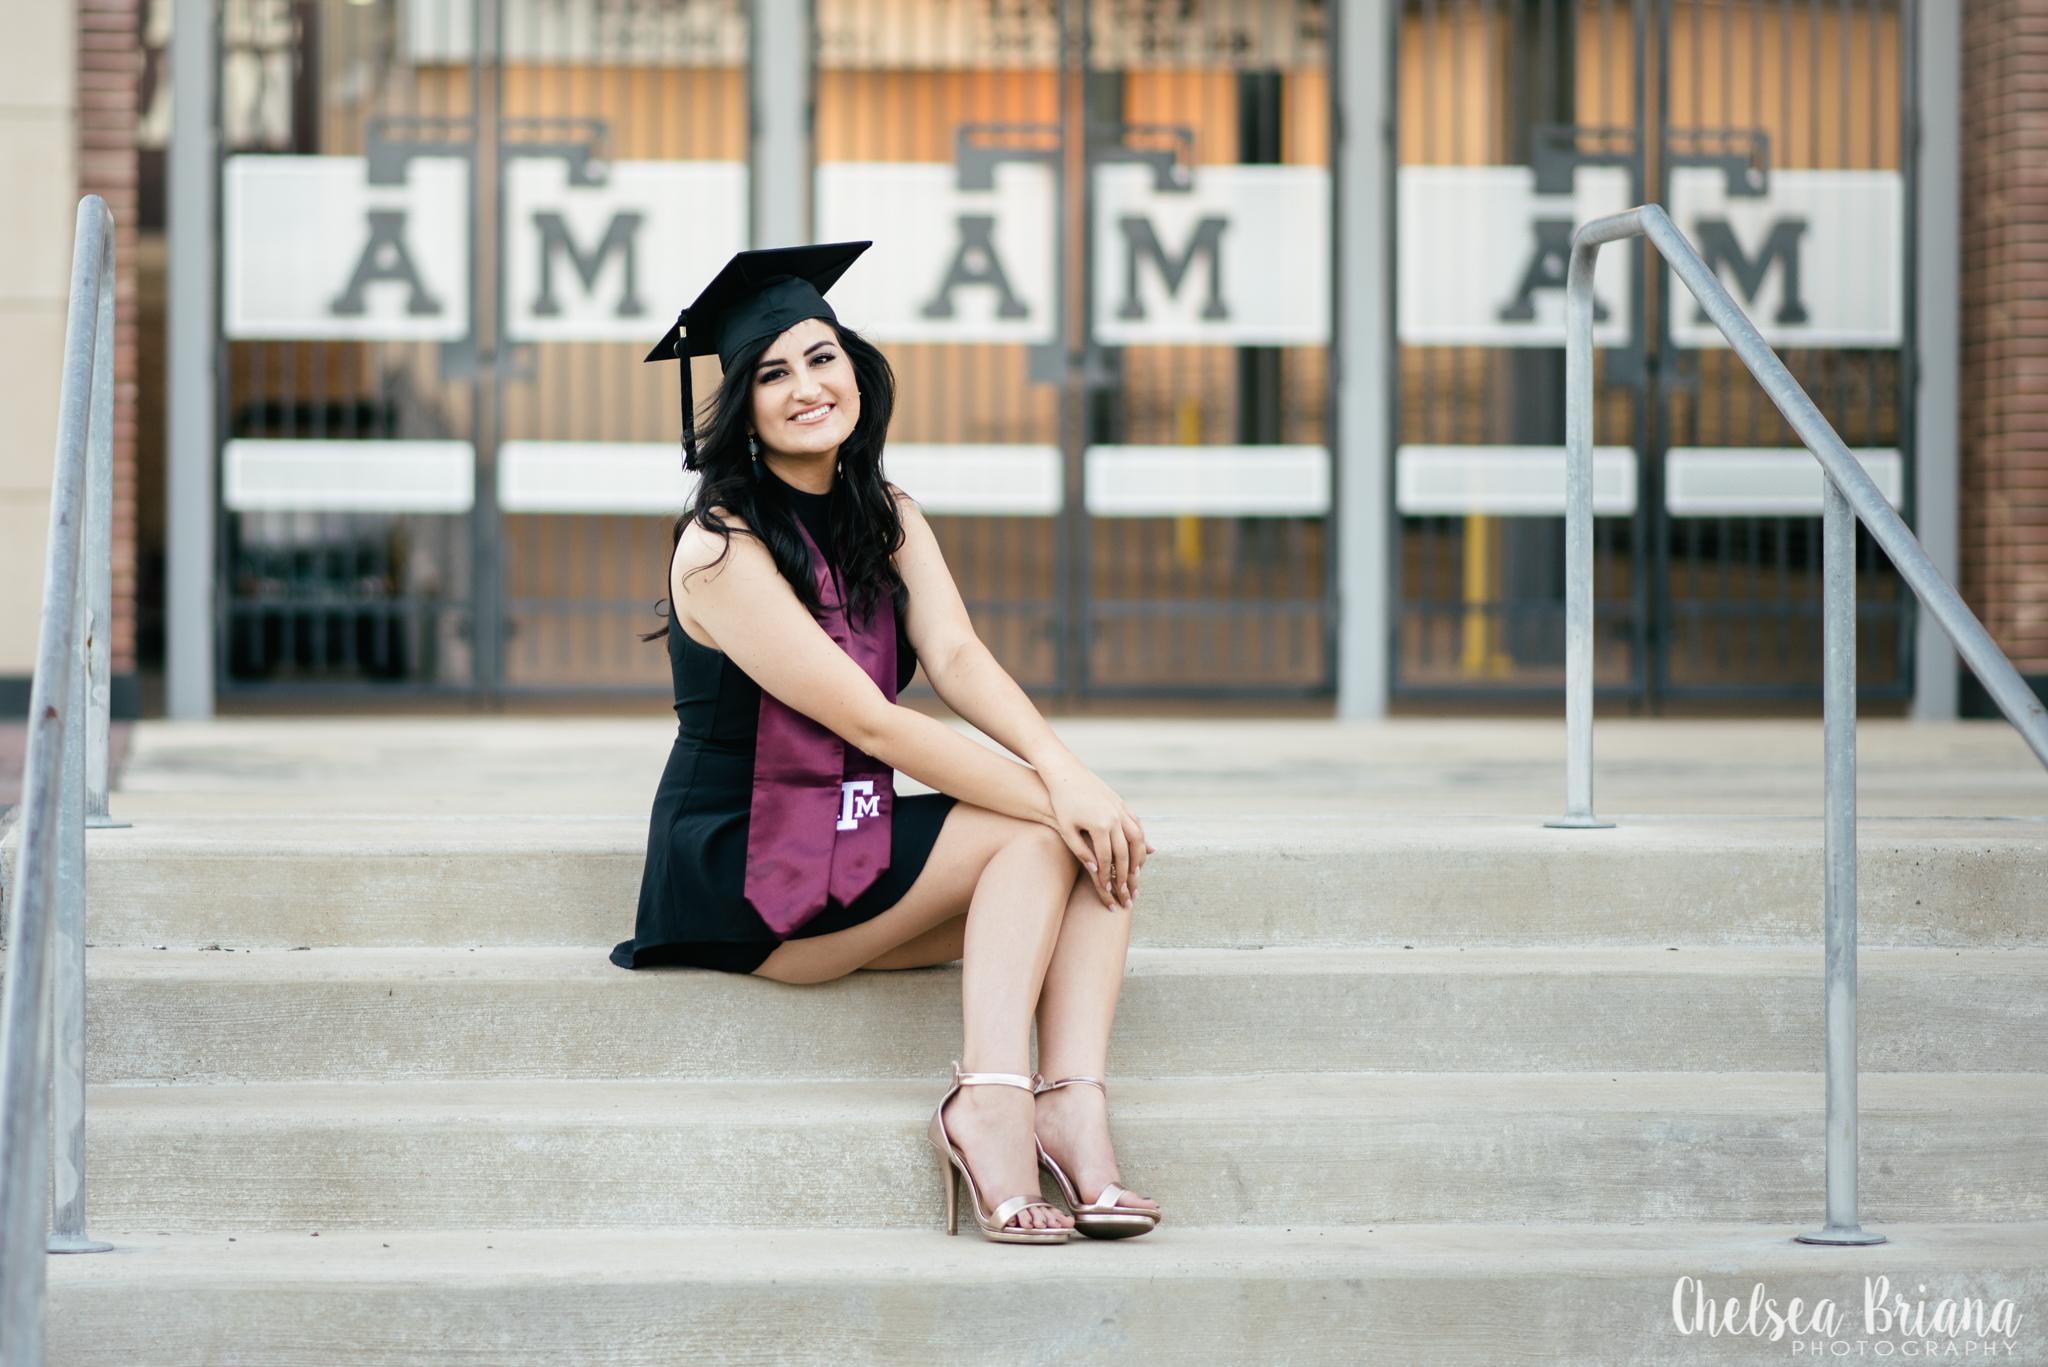 Texas A&M senior